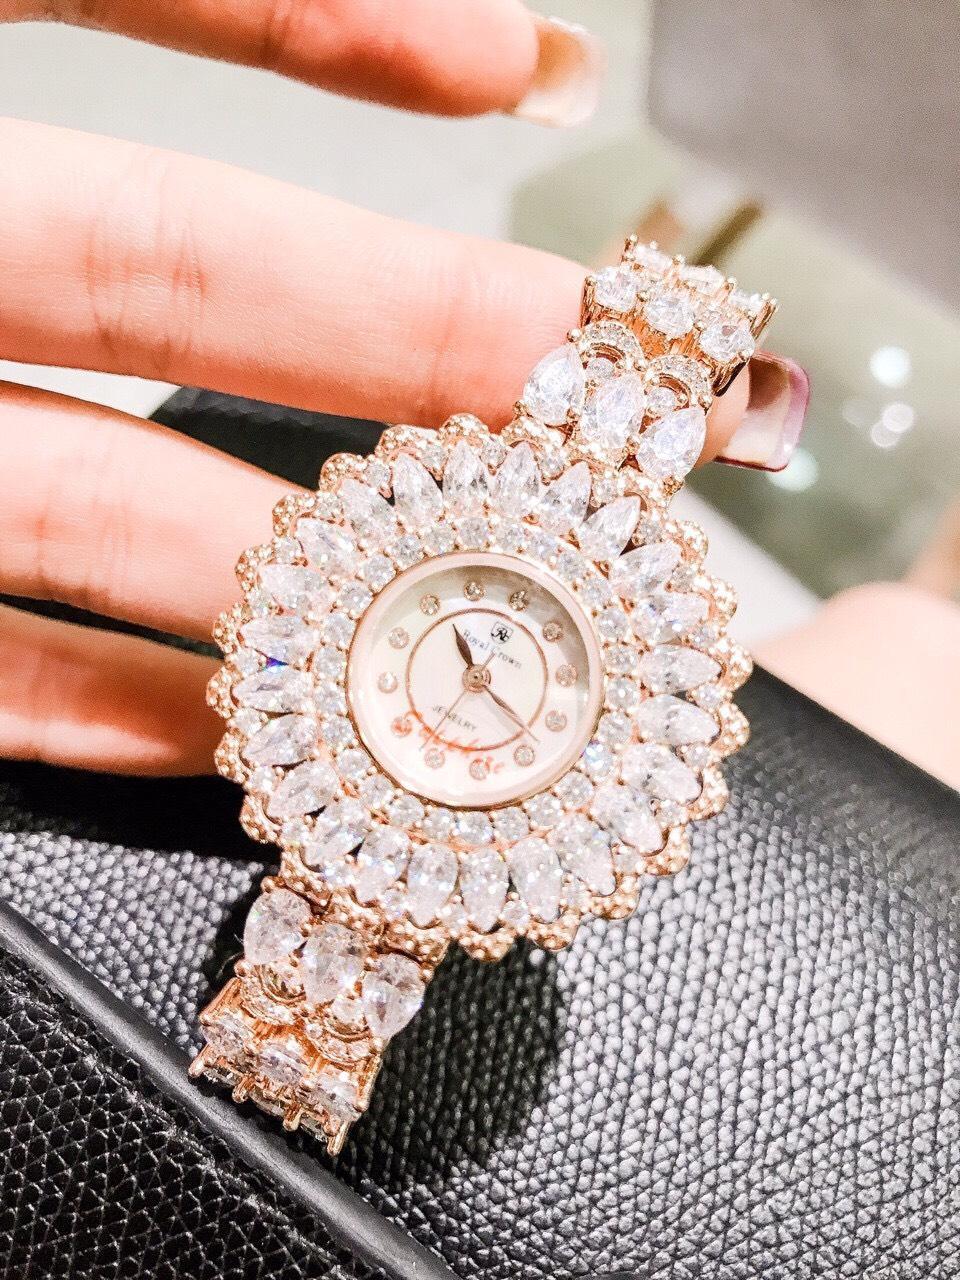 Đồng hồ nữ thời trang Royal Crown đính đá size 36 mm bán chạy